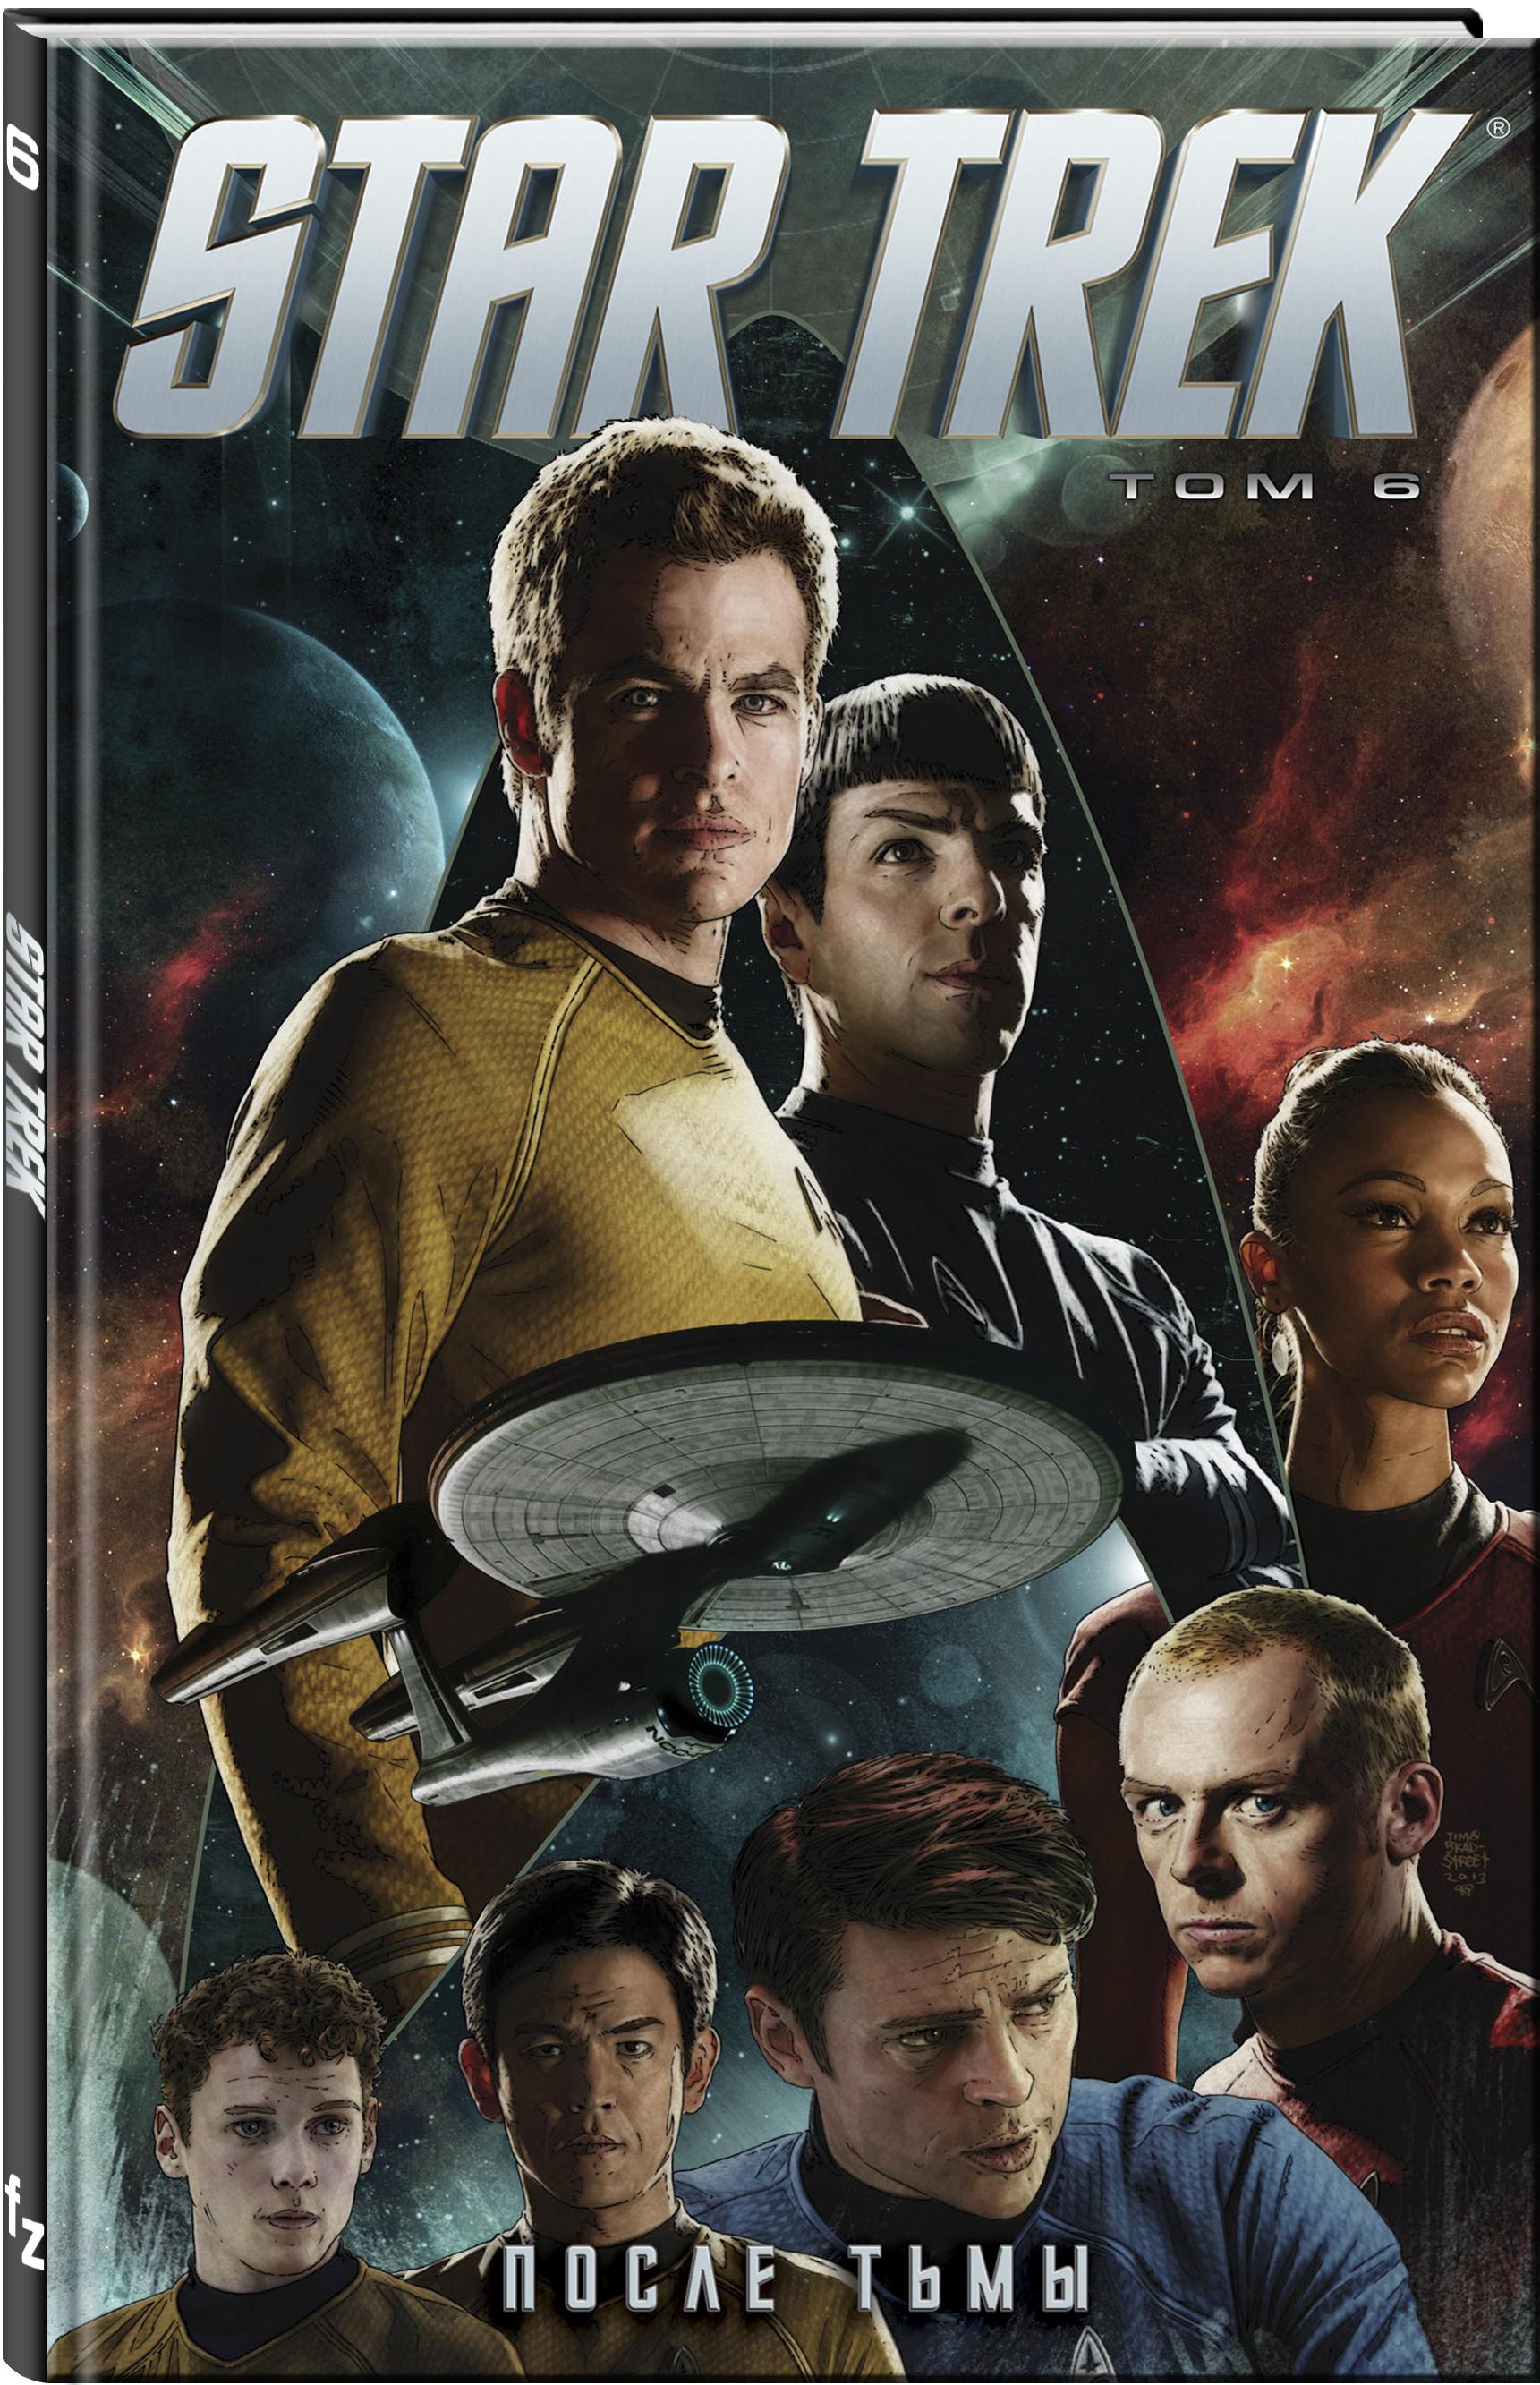 Джонсон М. Стартрек / Star Trek. Том 6: После тьмы